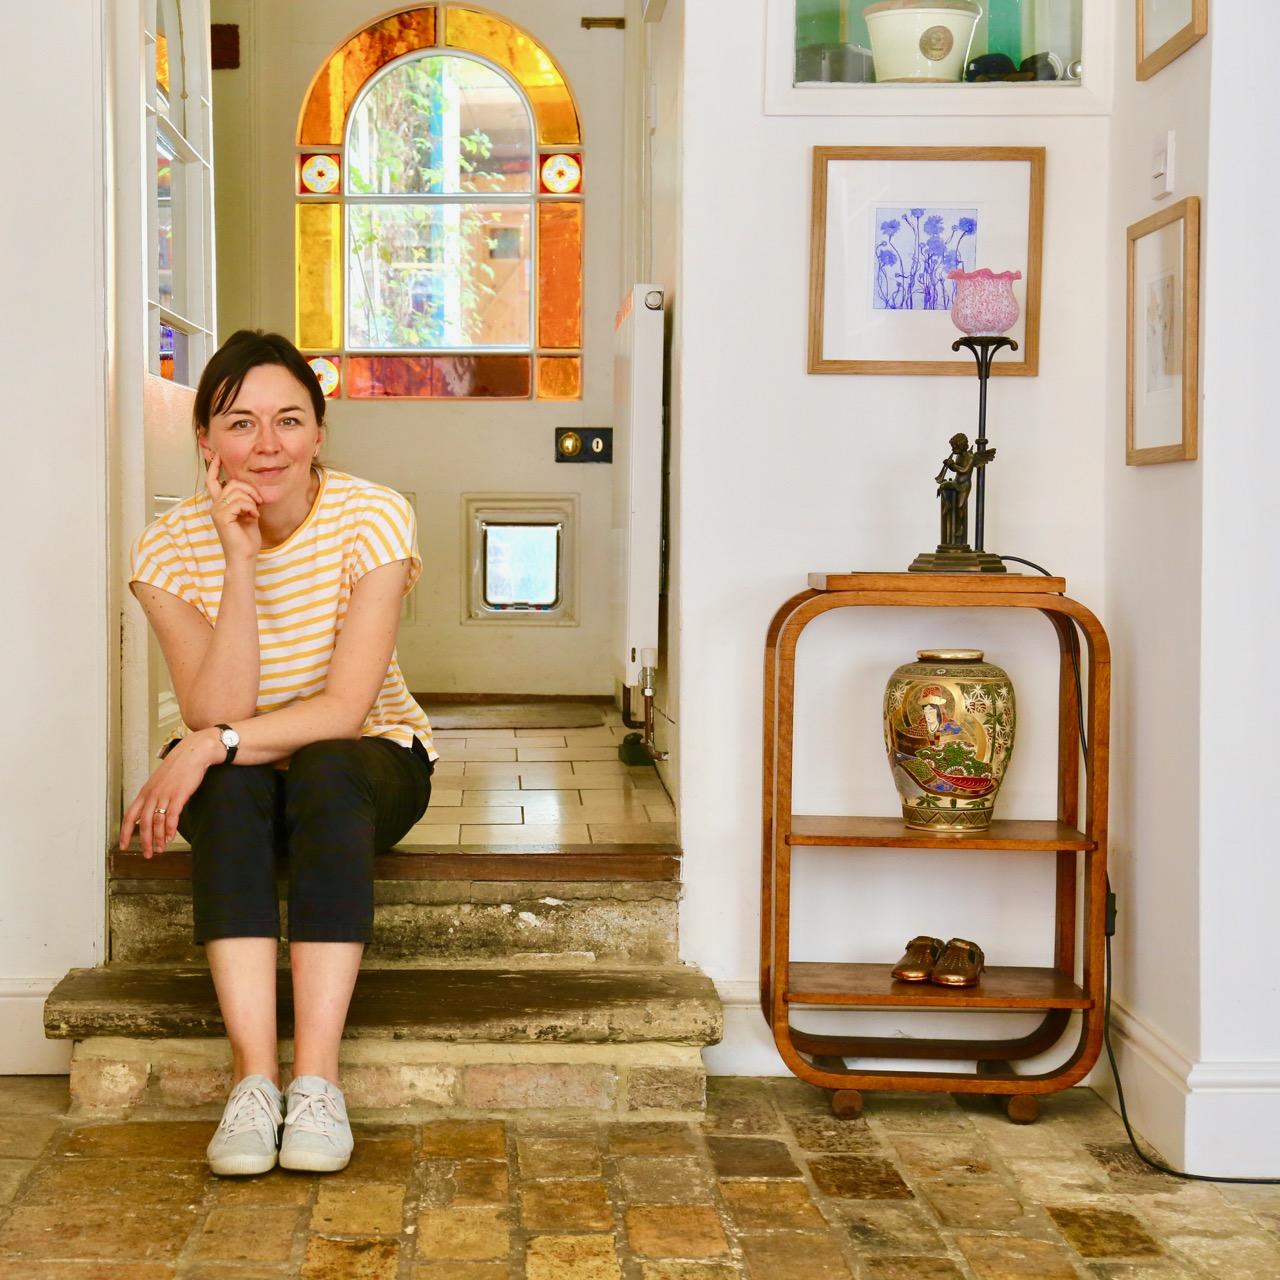 Melanie Goemans, artist at the Window Gallery Ely